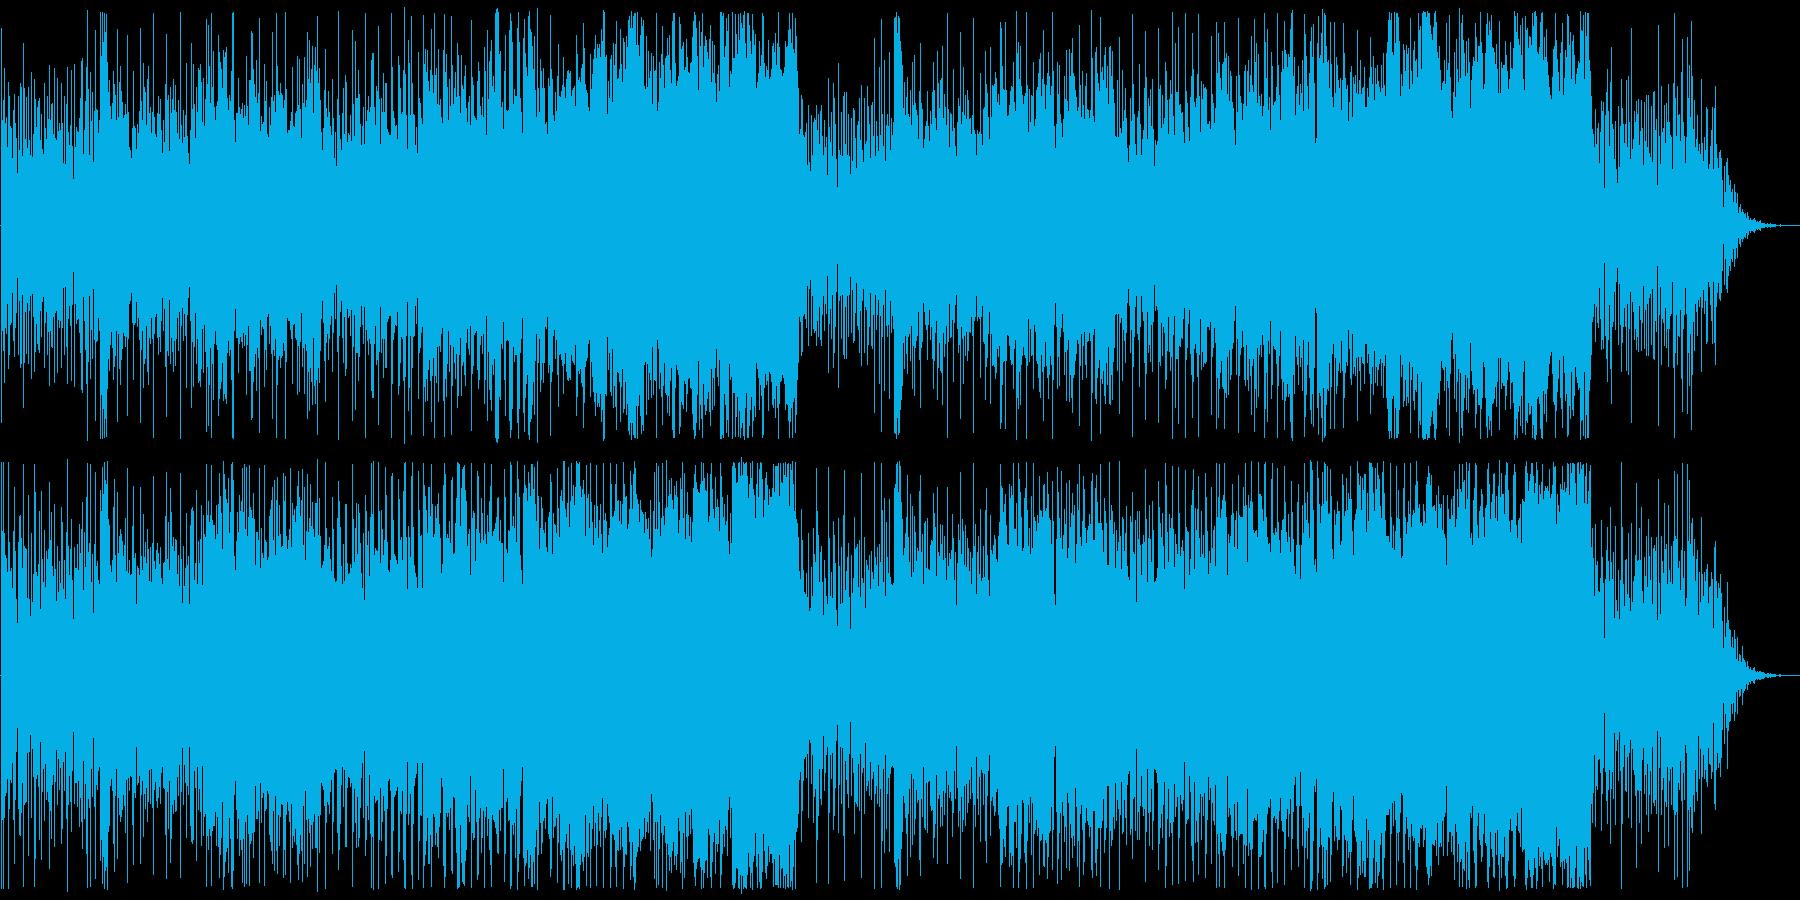 戦争や過酷な状況のシネマチックなBGMの再生済みの波形